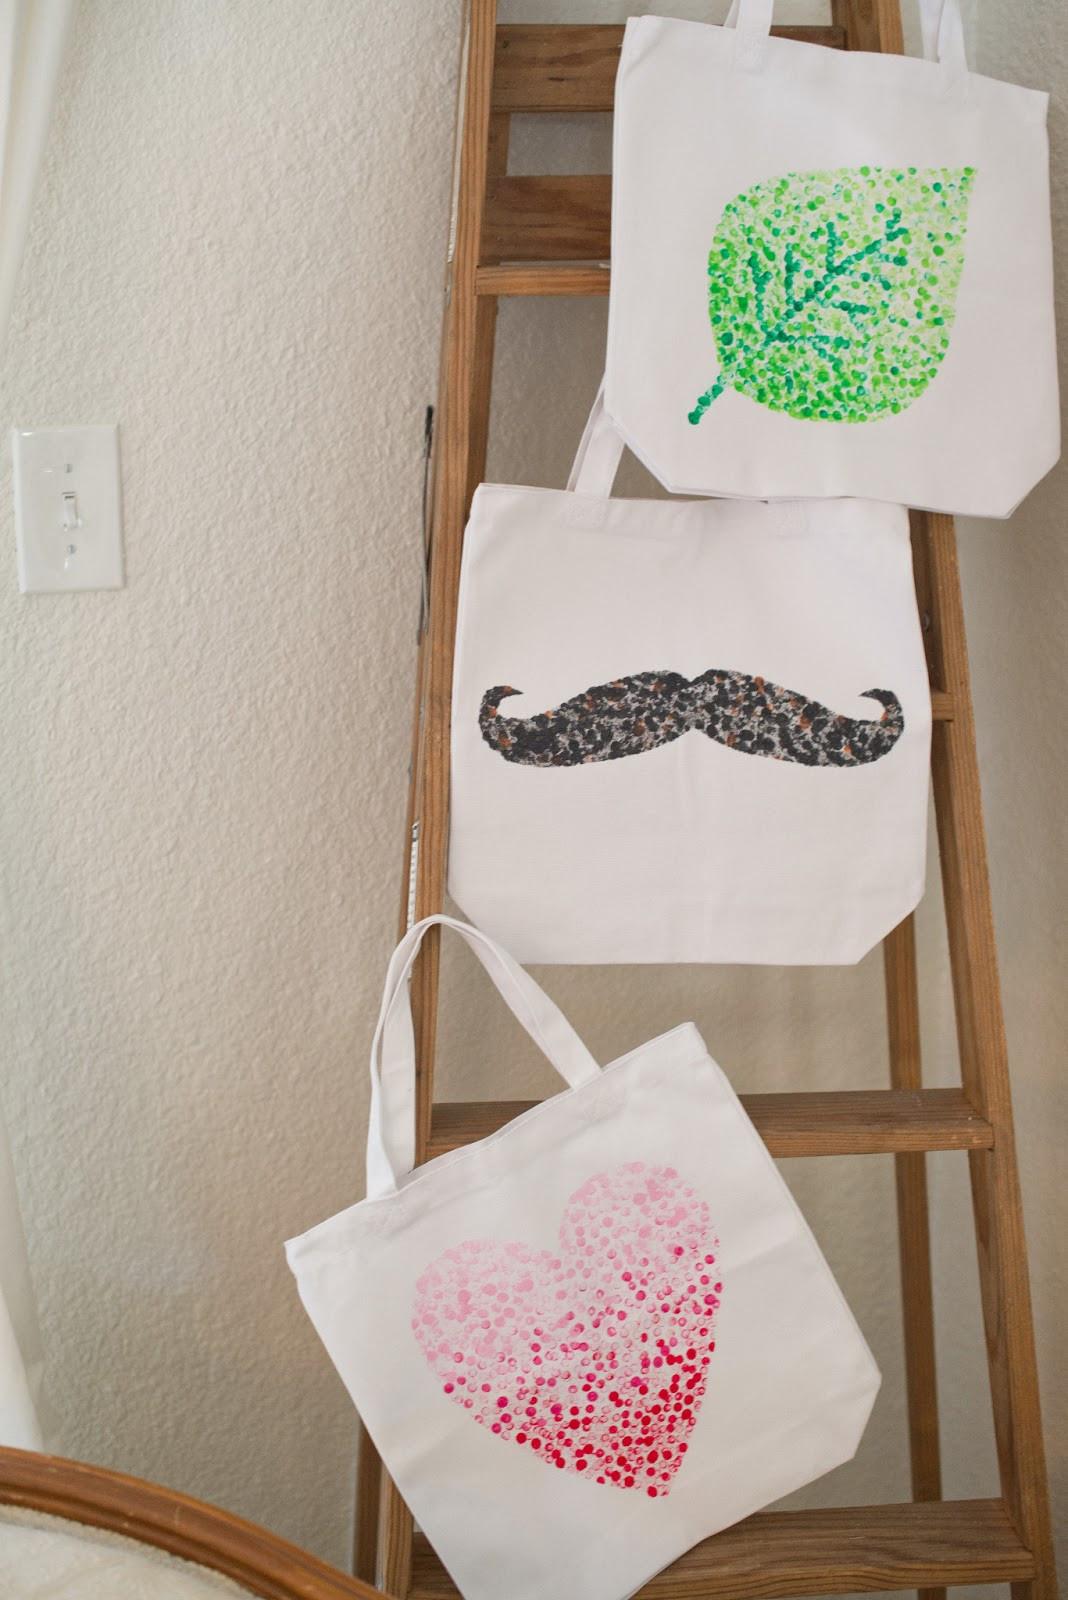 Handbad Diy  Domestic Fashionista DIY Eraser Stamped Tote Bag Tutorial